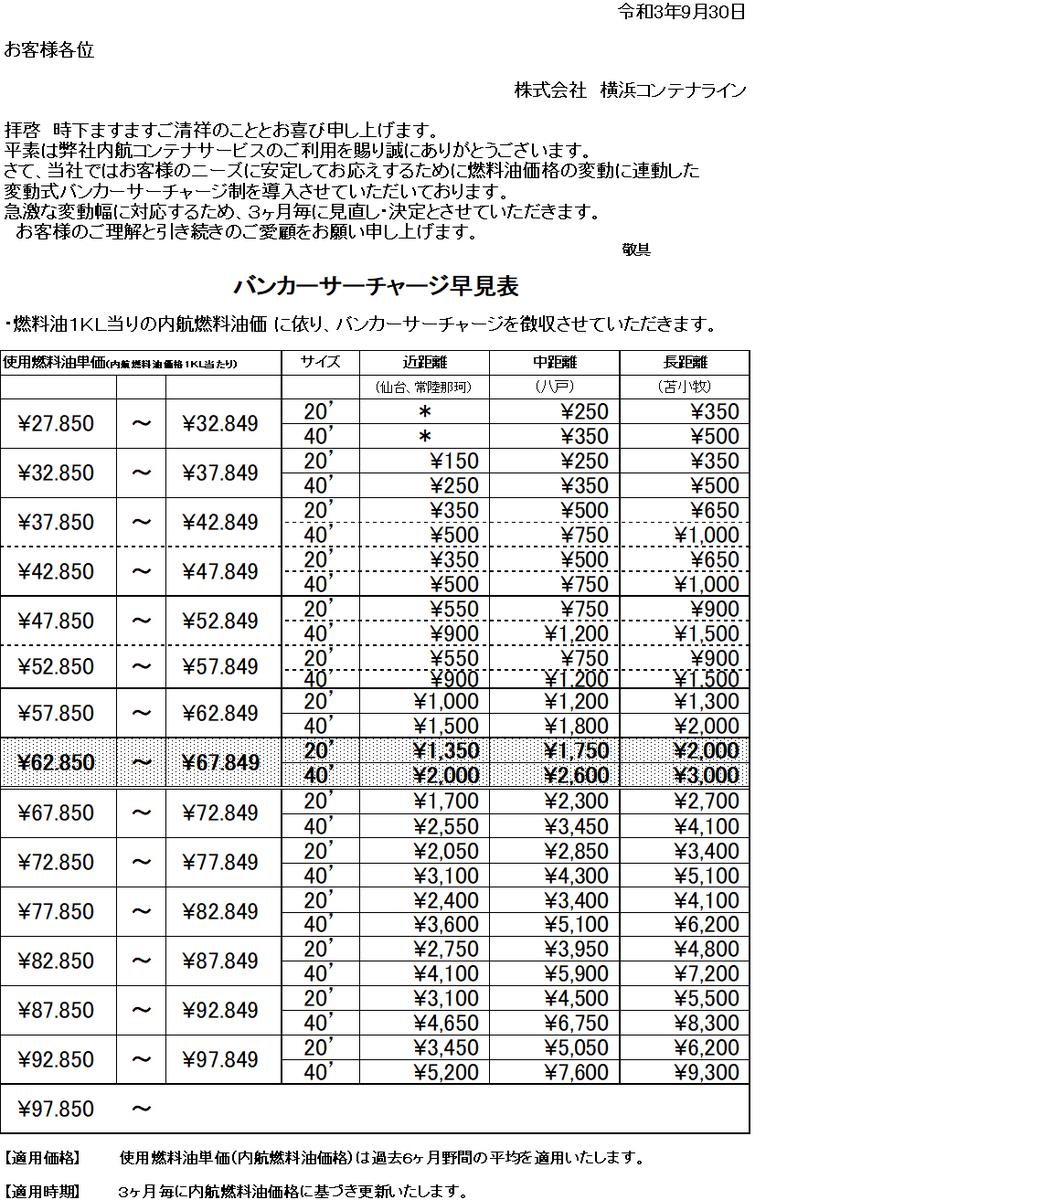 f:id:ycl:20210930154735p:plain